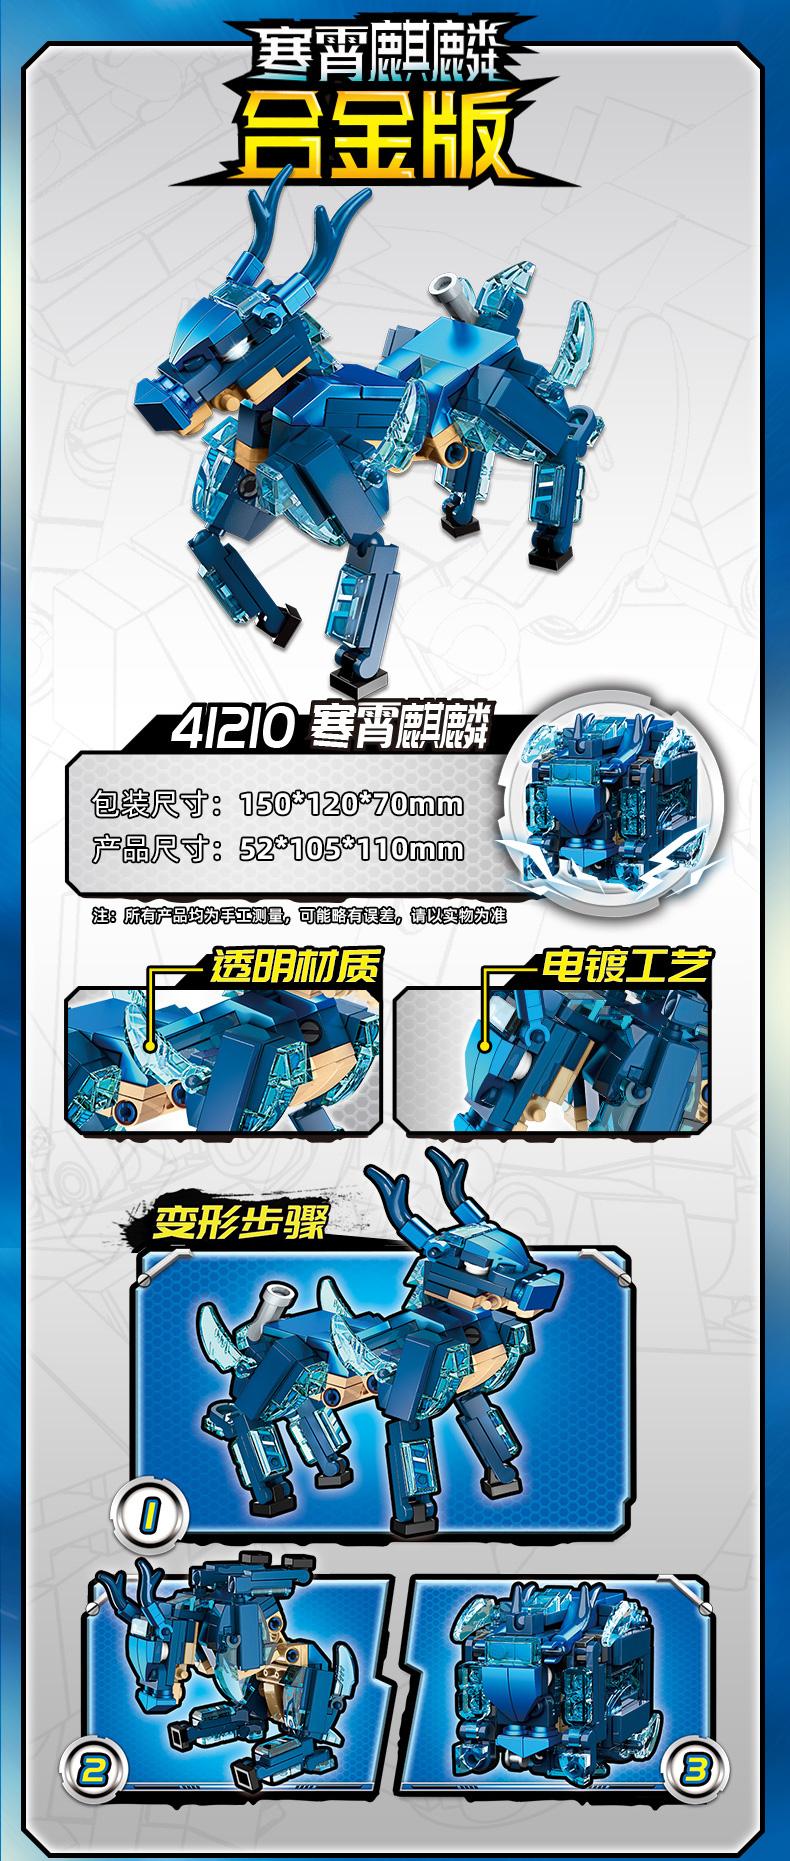 乐高男孩子机兽魔方直变积木霸王龙拼装益智力玩具恐龙机器人机甲详细照片